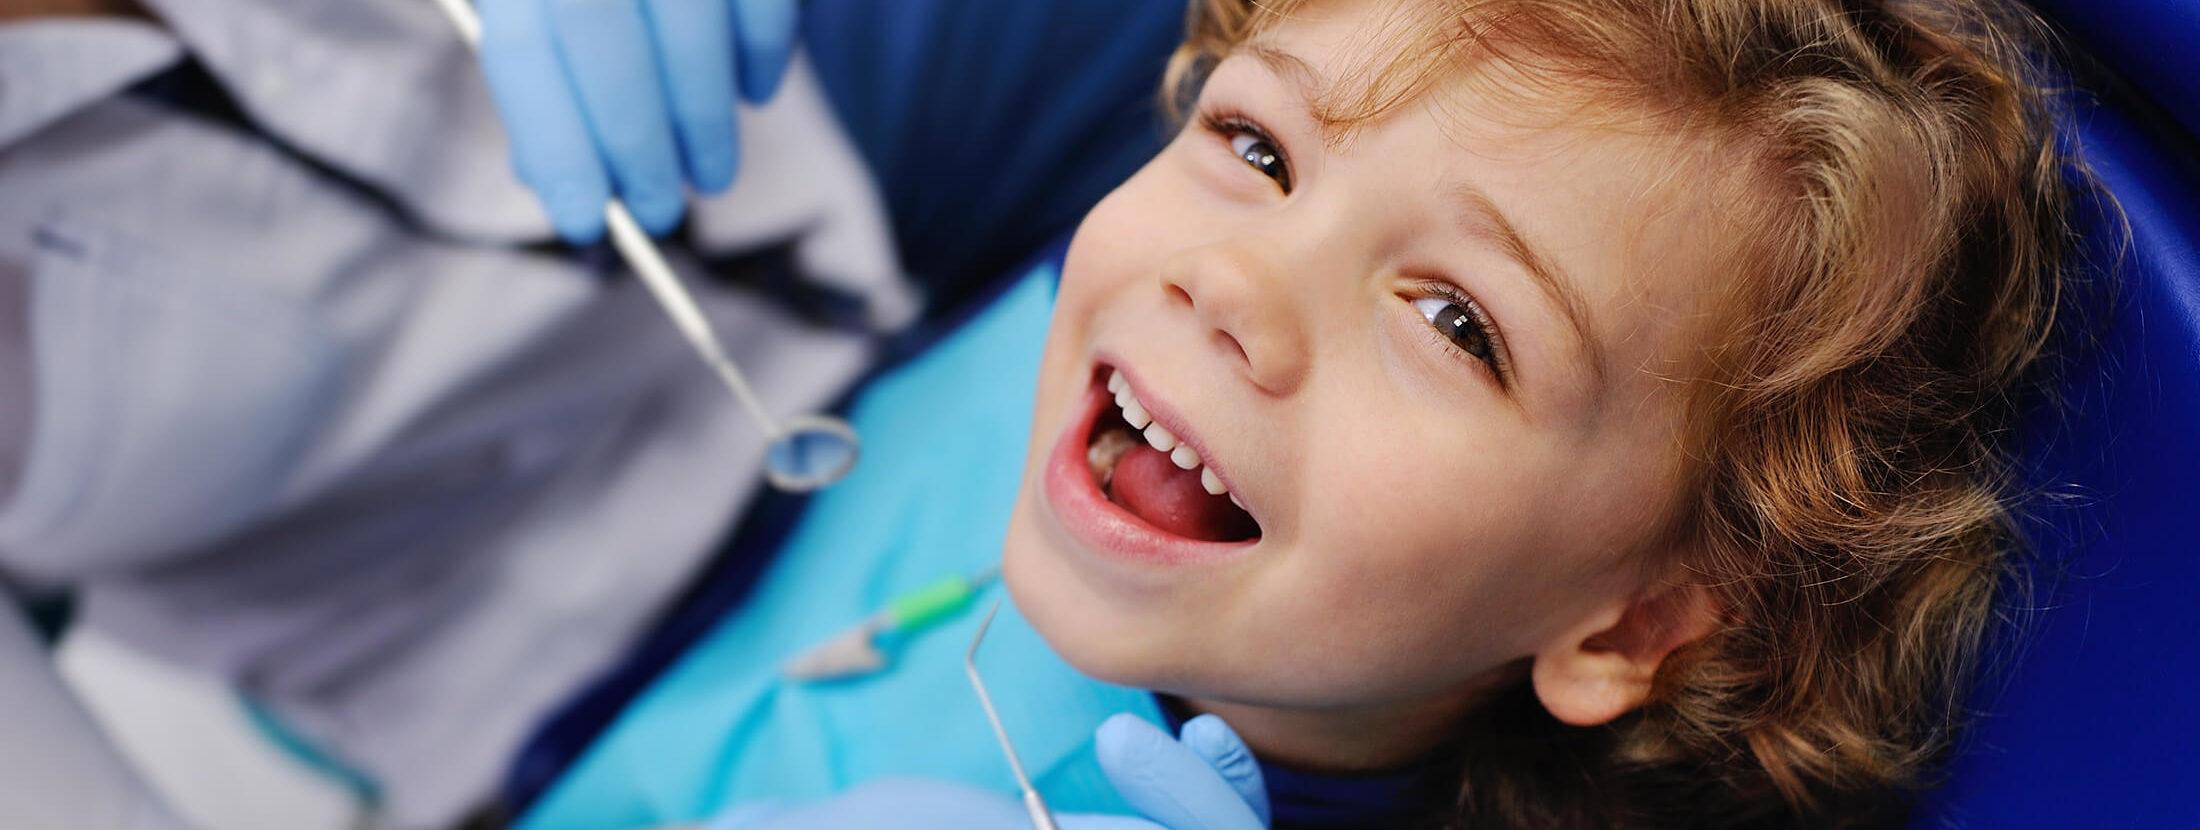 Zahnarztpraxis Dentavia Roedelheim - Kinderbehandlung Zahnarzt - Header